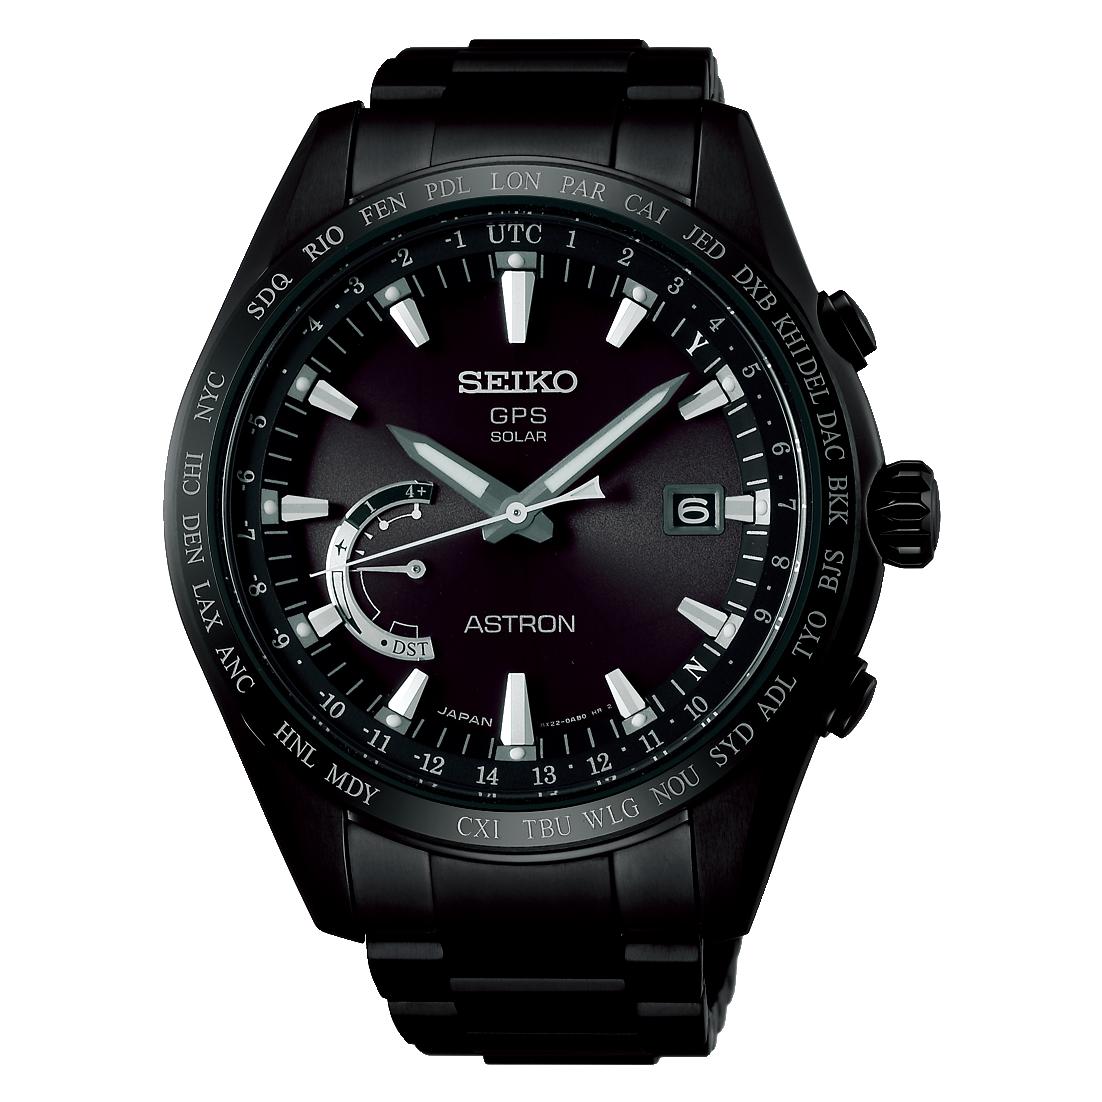 セイコー アストロン 8X ワールドタイム SBXB089